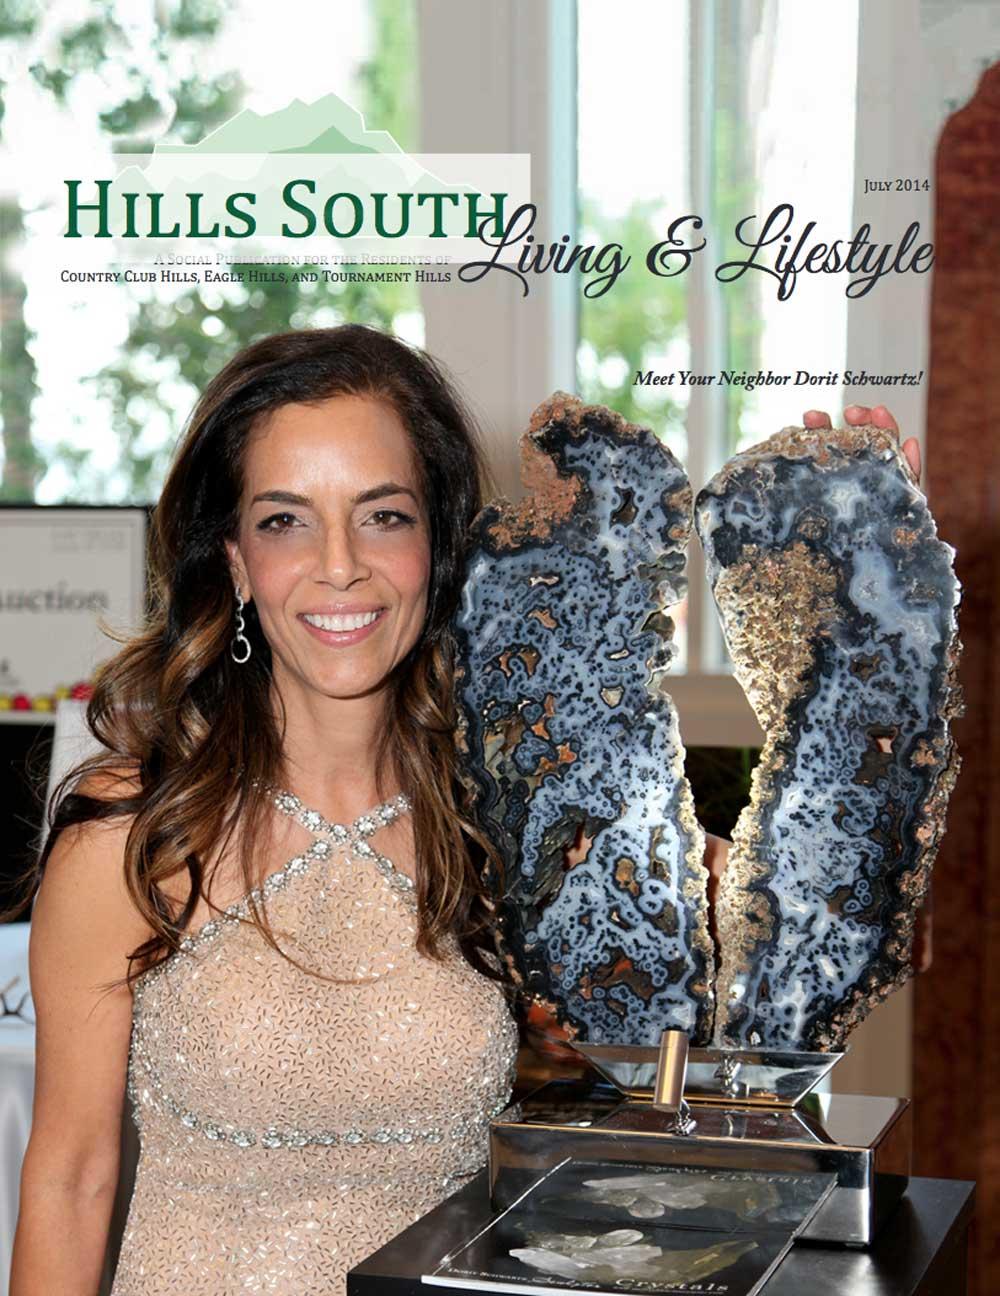 Hills South Magazine Dorit Schwartz